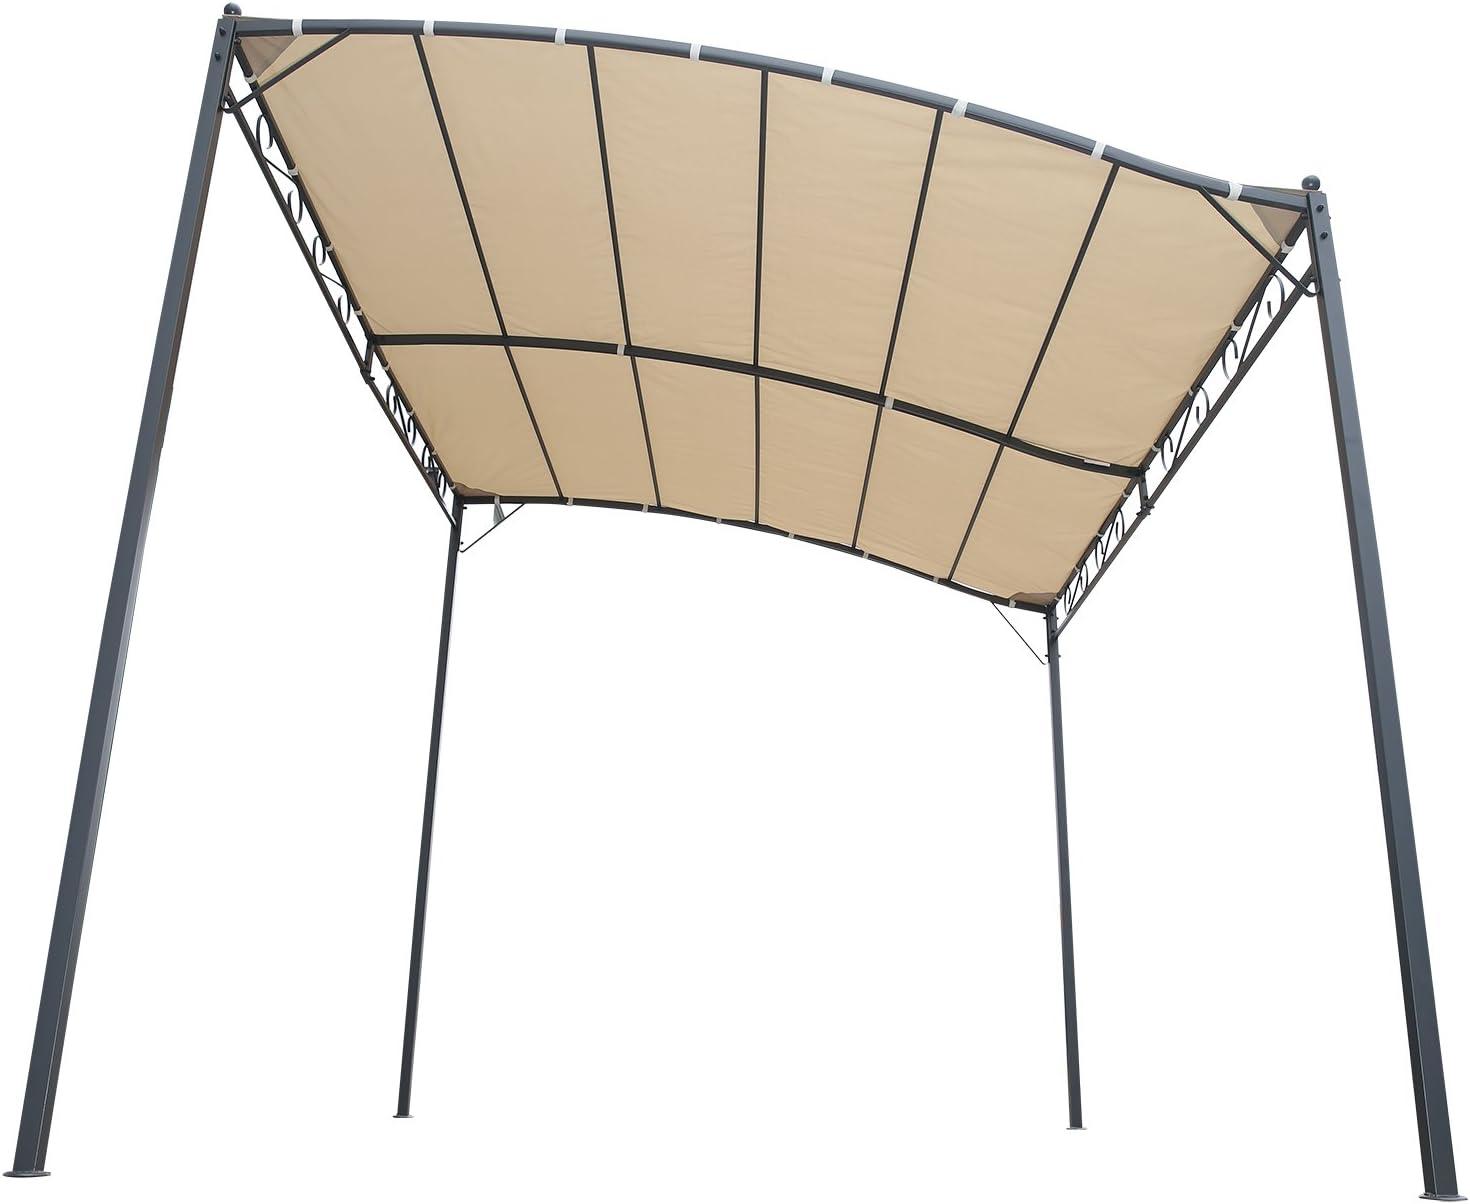 Angel Living® 300x250cm Inclinación Gazebo Toldo Pergola de Pared de Metal Shade Marquee Refugio Jardín Pavillon: Amazon.es: Jardín